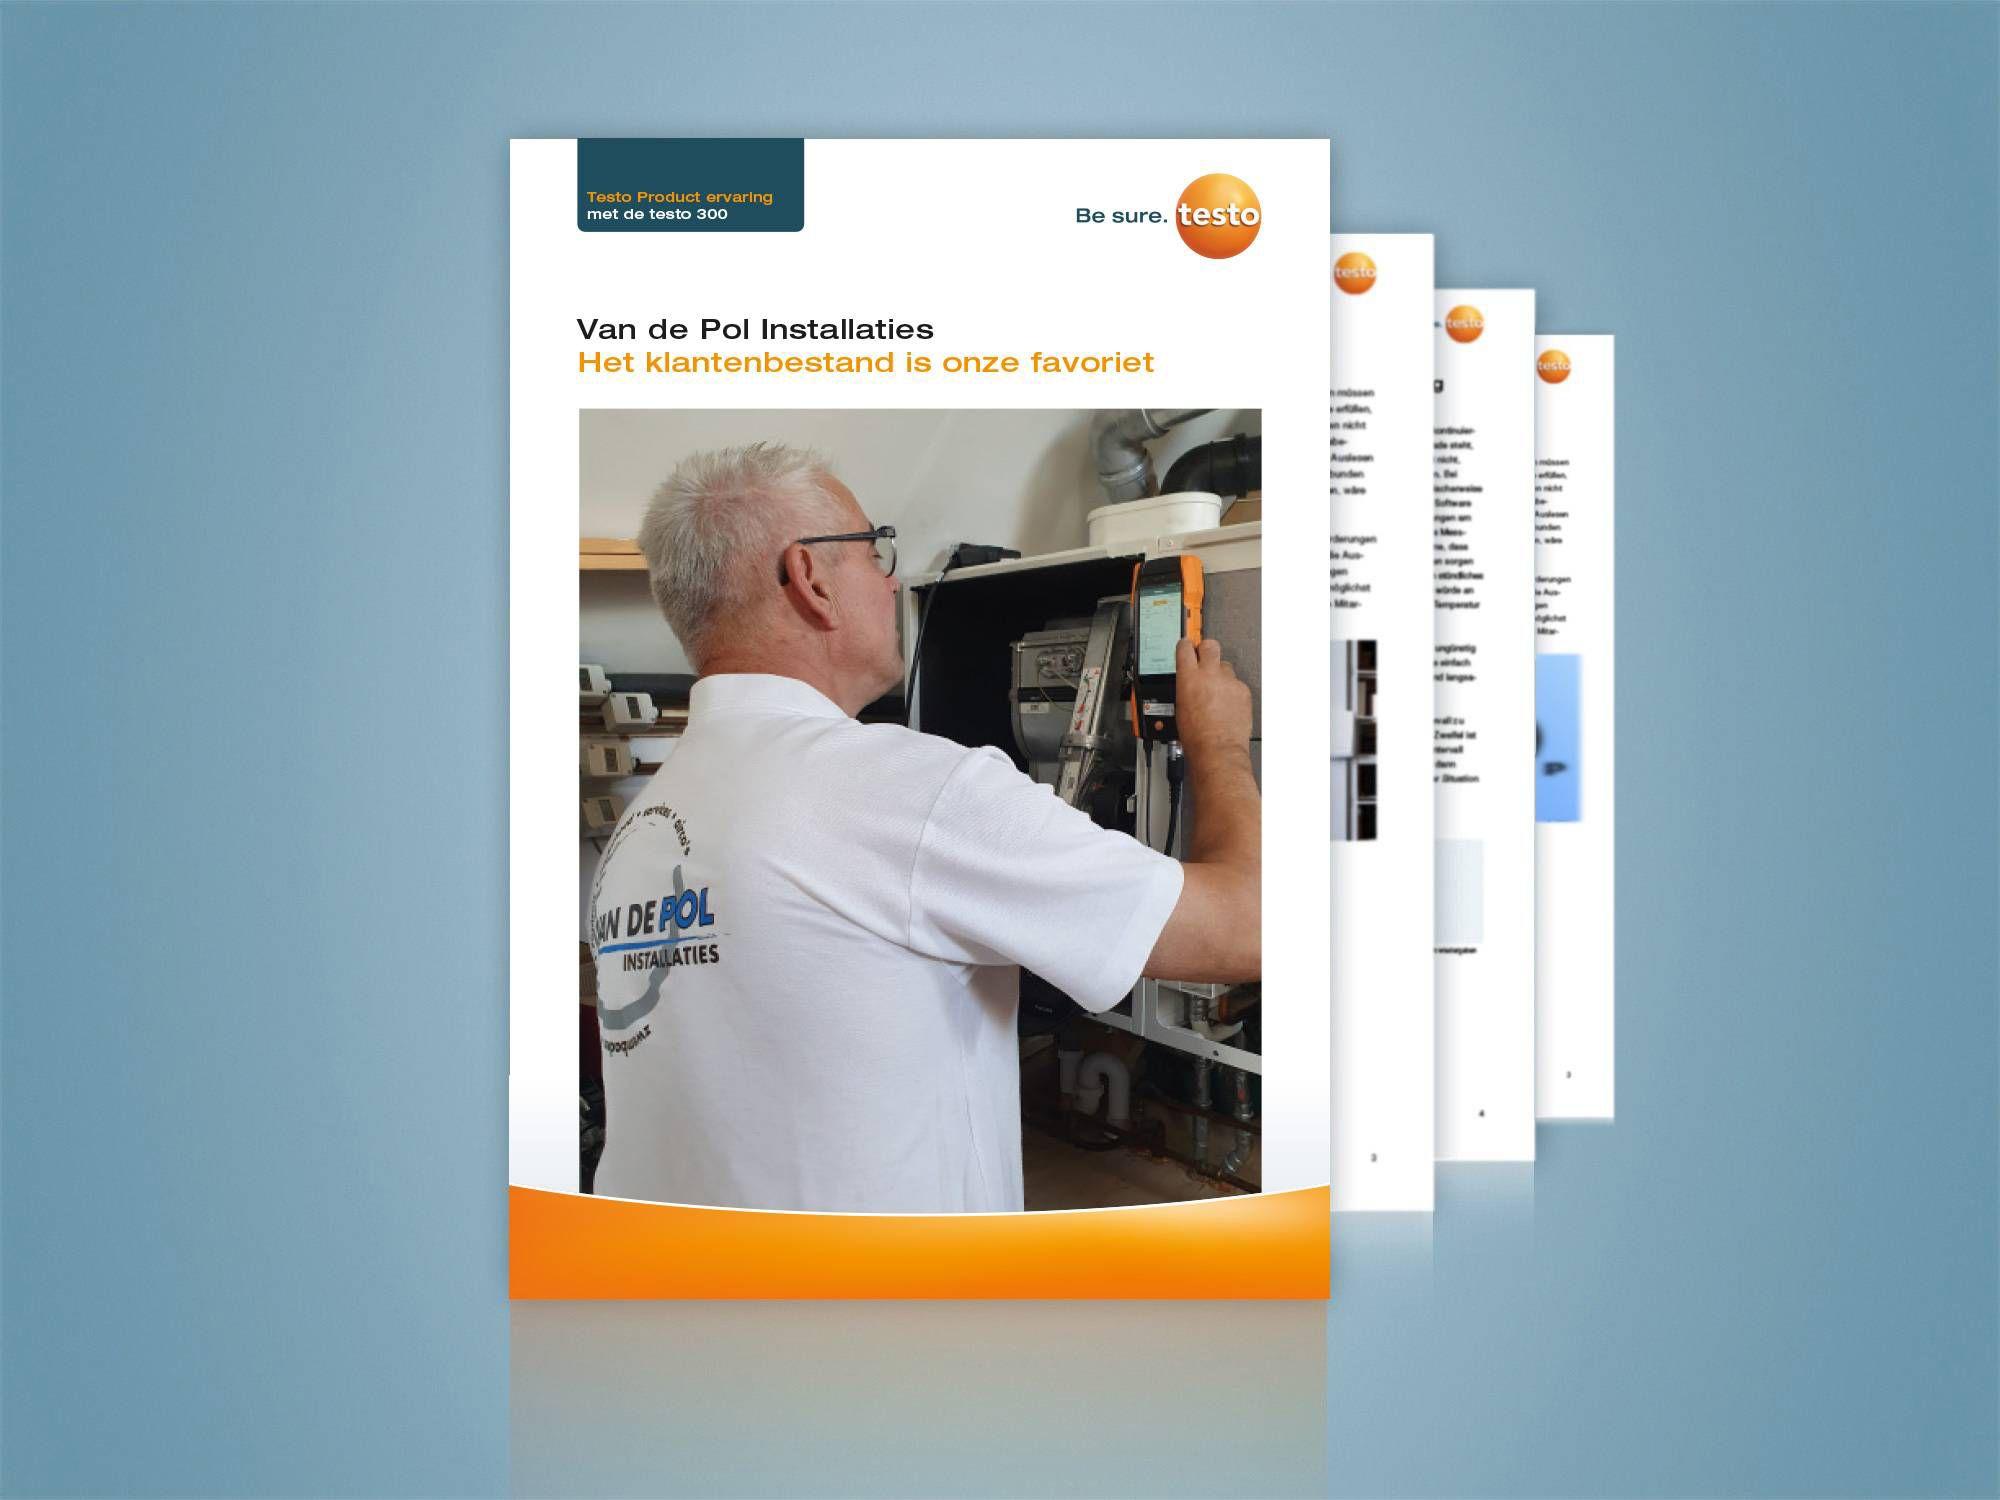 teaser-whitepaper-van-de-pol-testo300-2000x1500.jpg